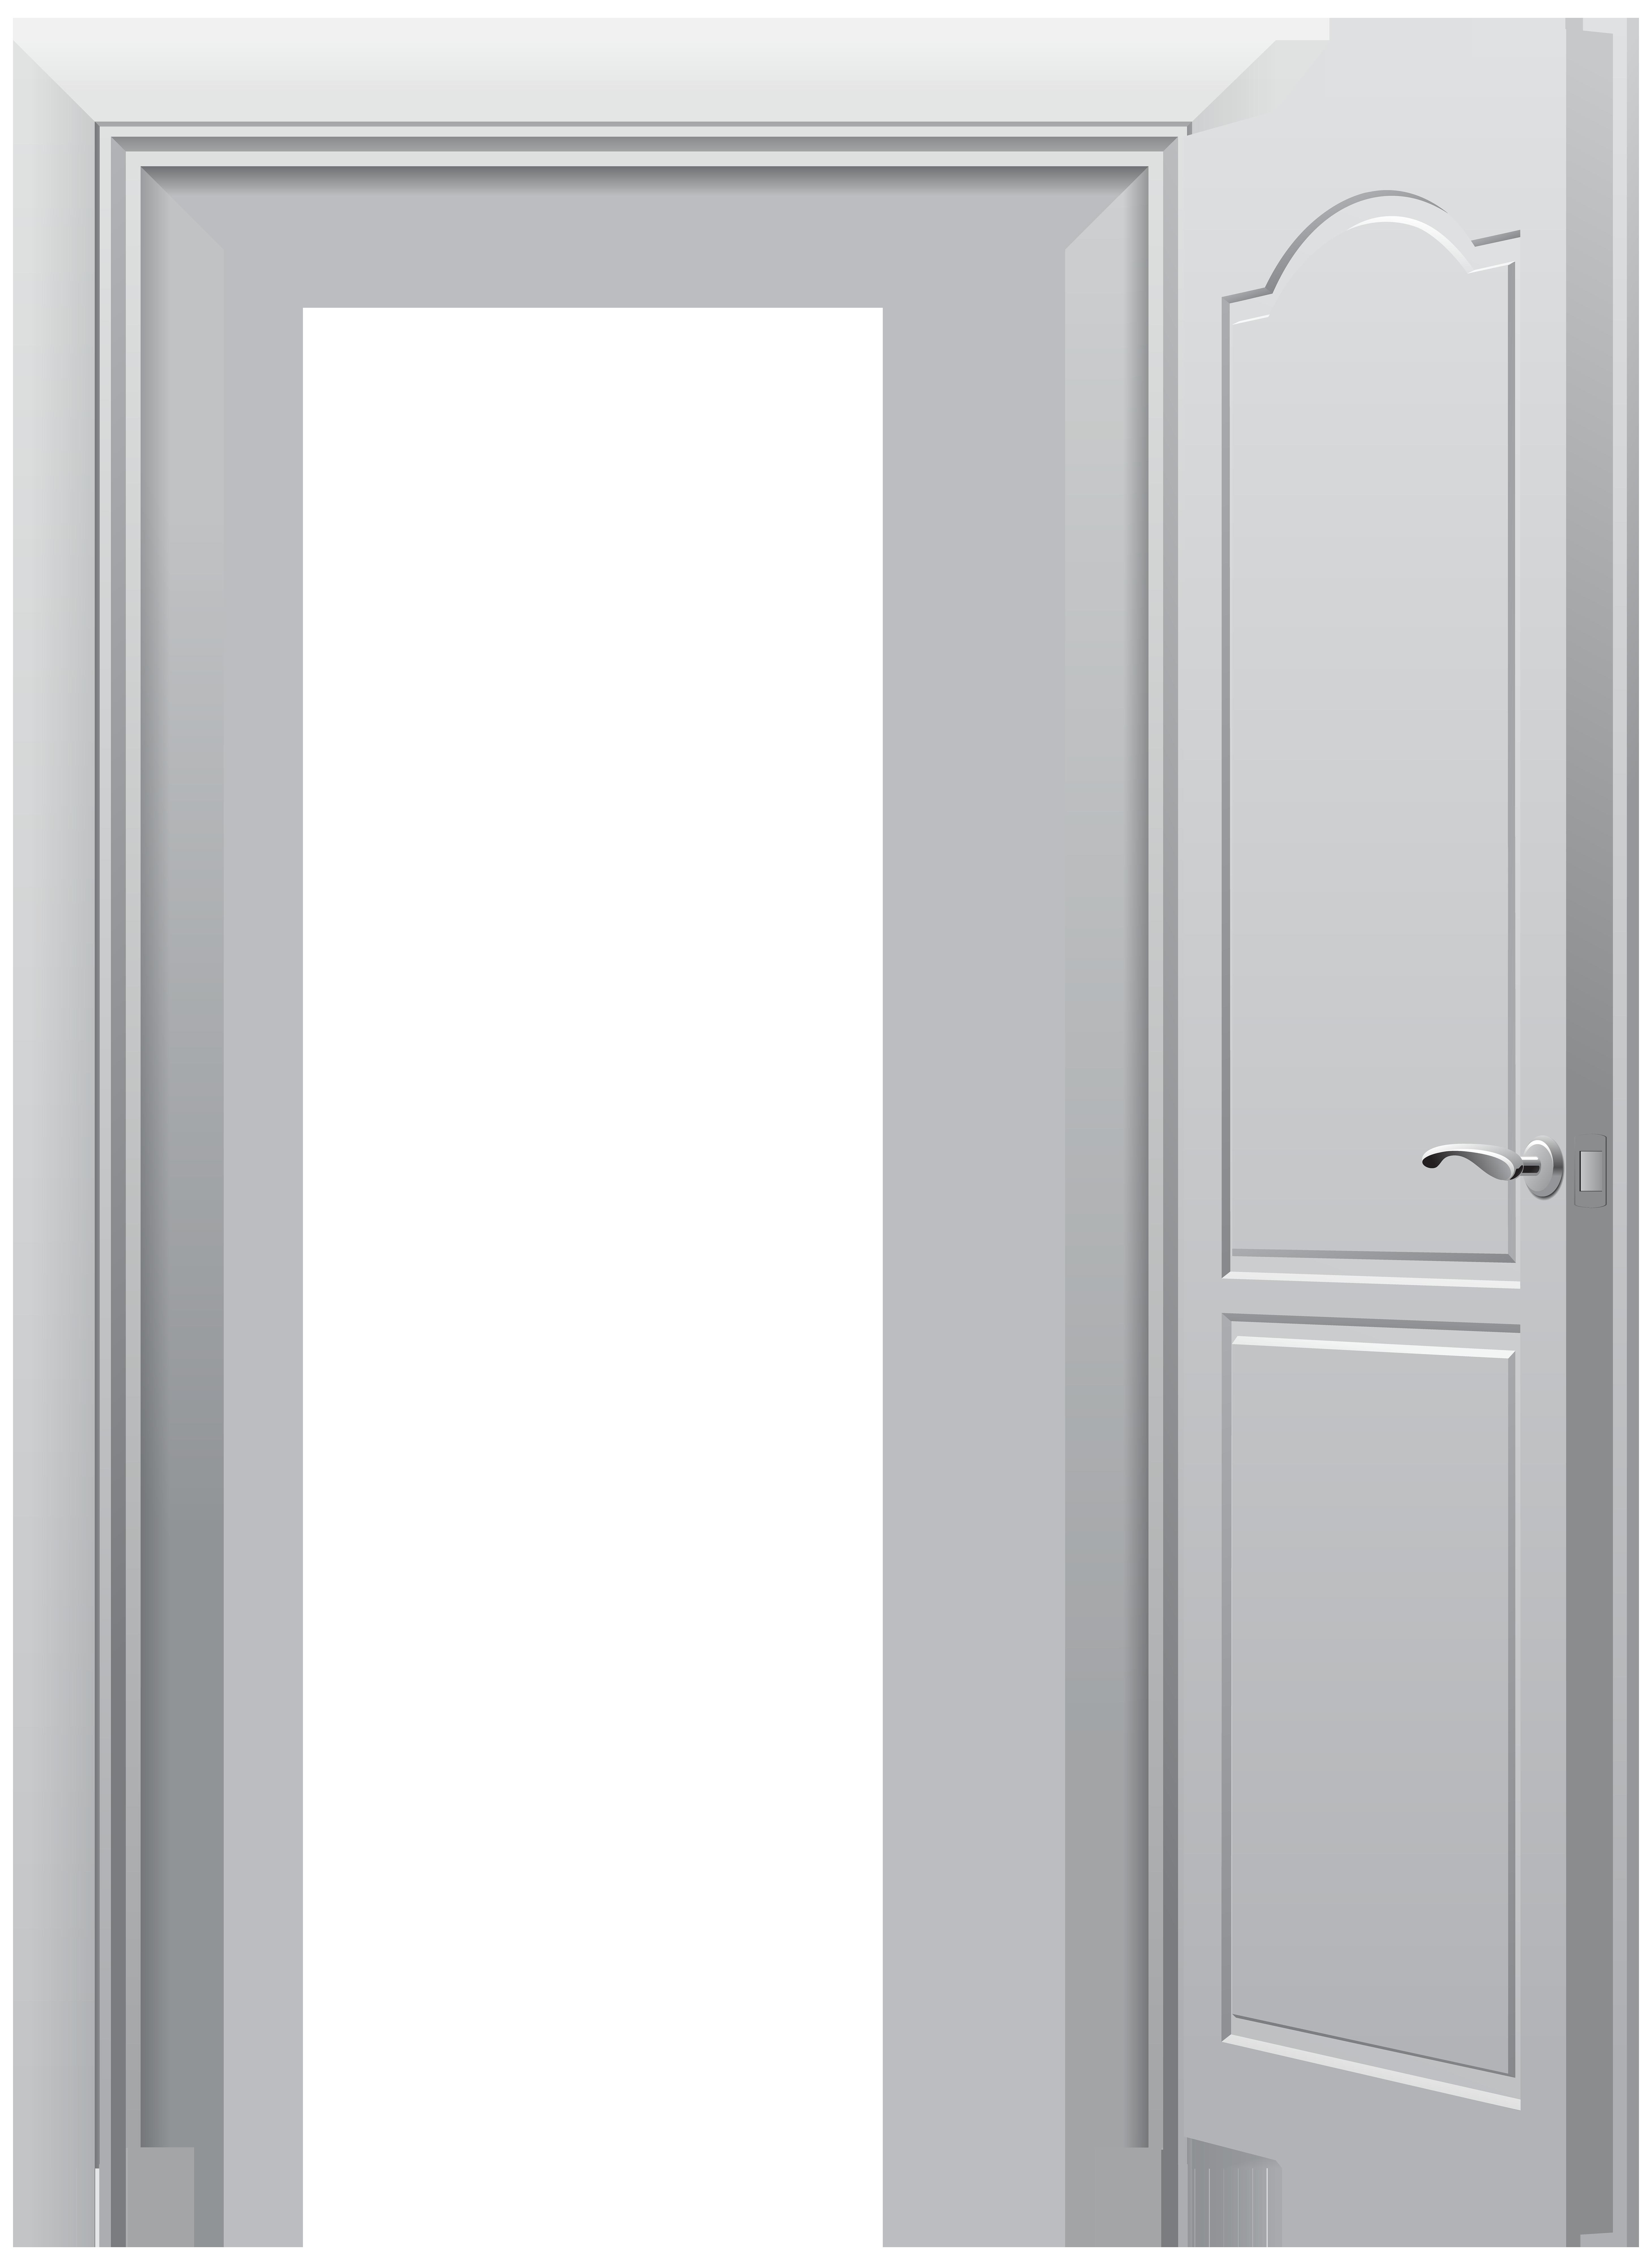 Door clipart doorway. Open png clip art